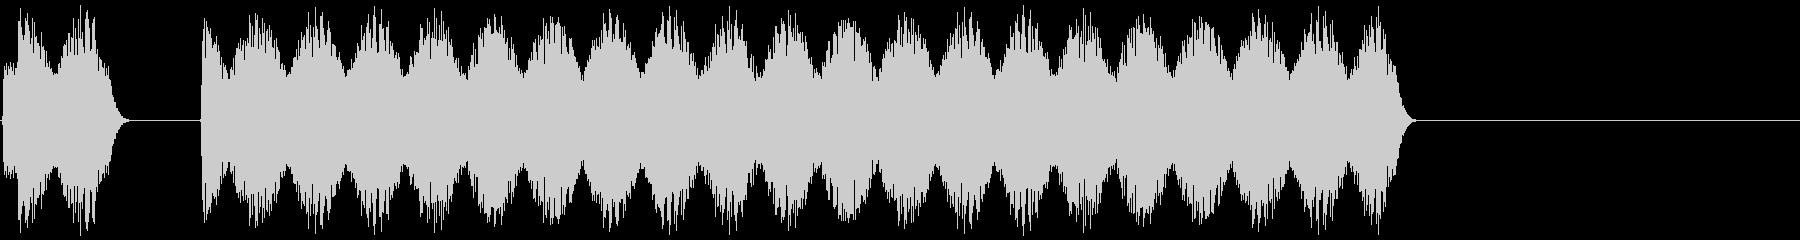 車のクラクションの音 「ビビーッ」の未再生の波形